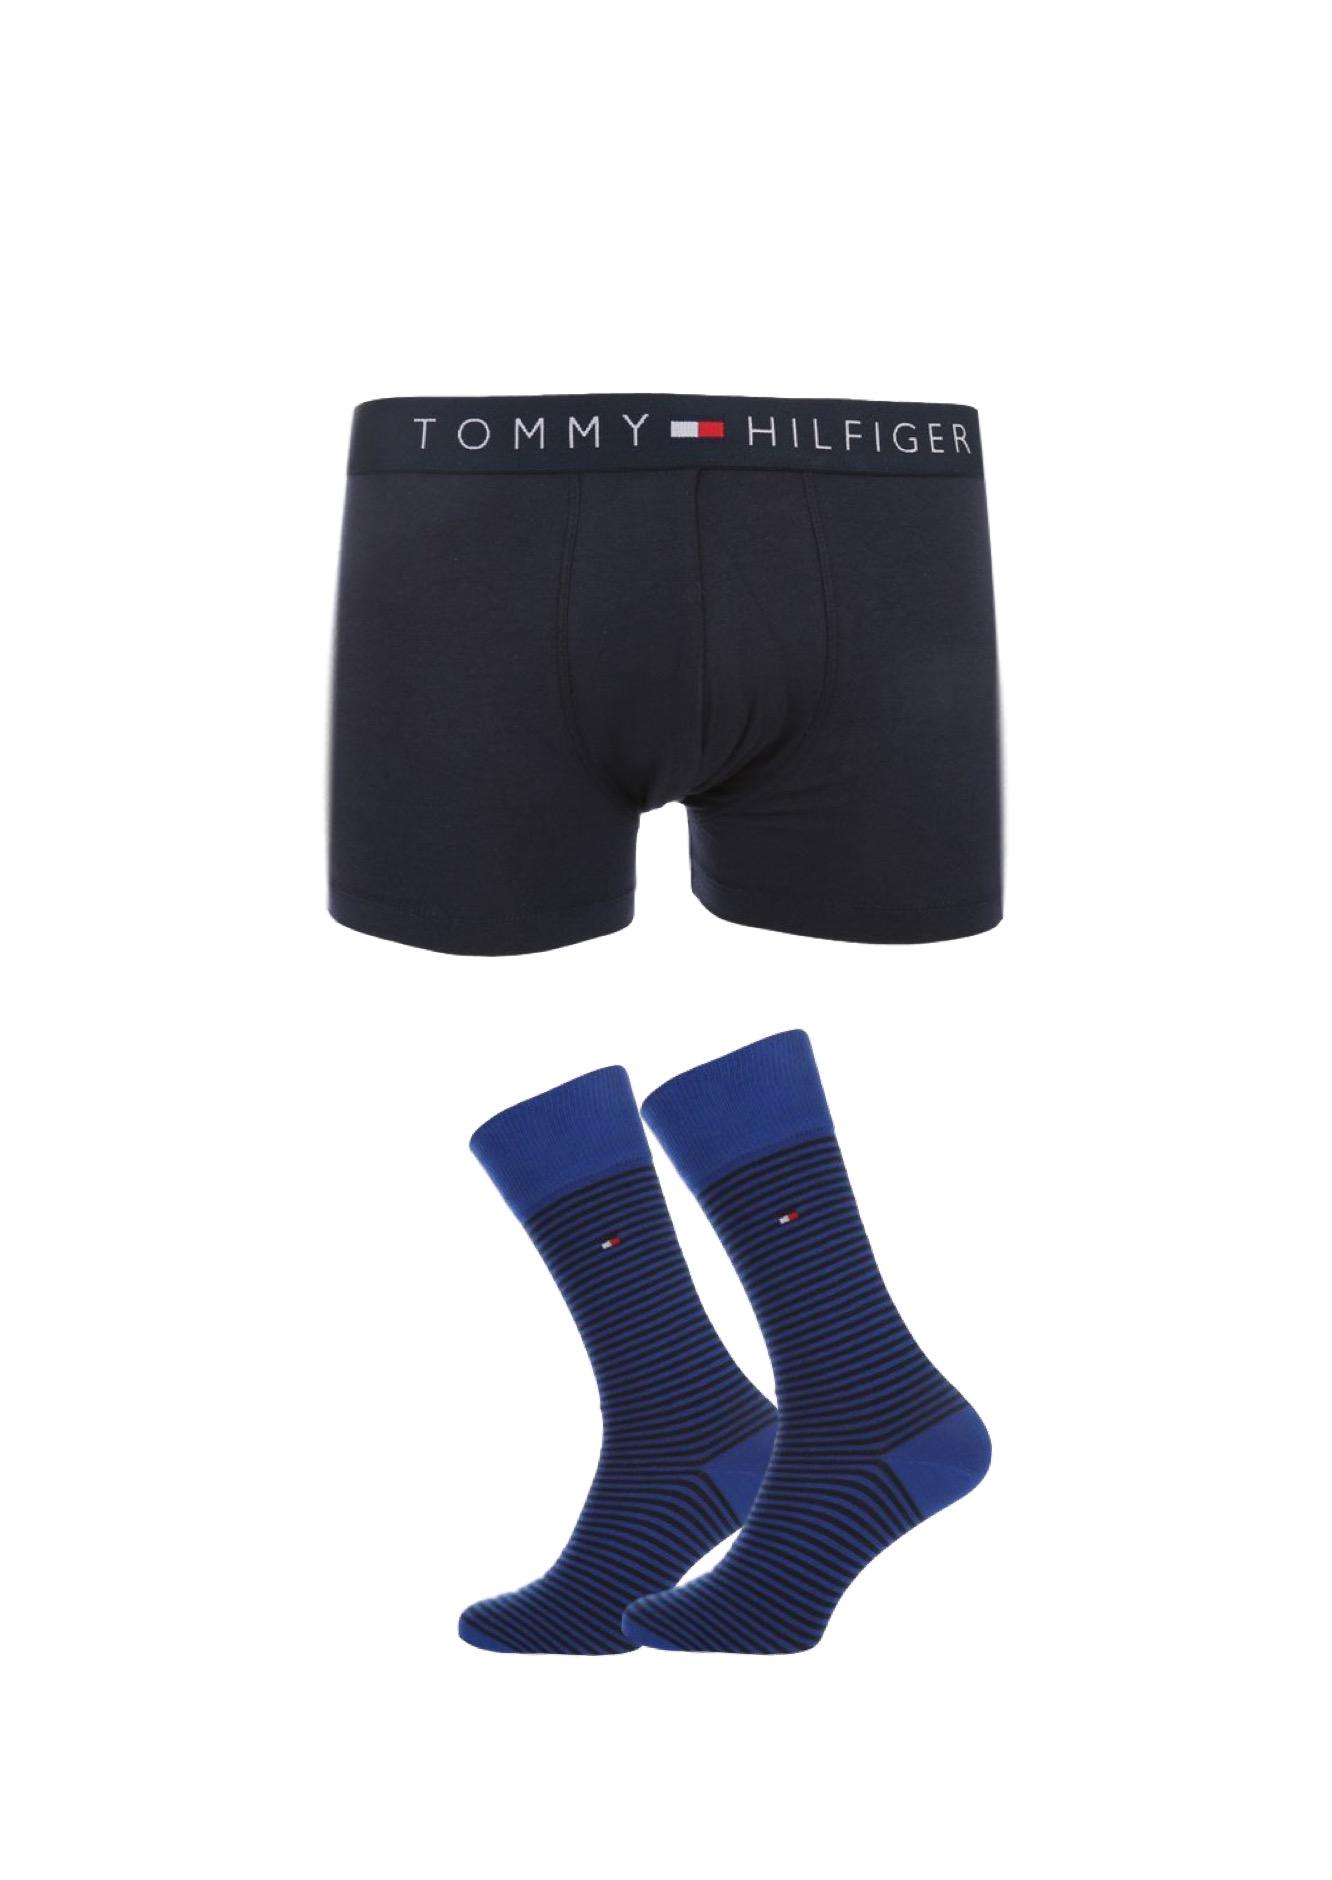 Dárkové balení pro něj: Tommy Hilfiger boxerky + ponožky Velikost: S